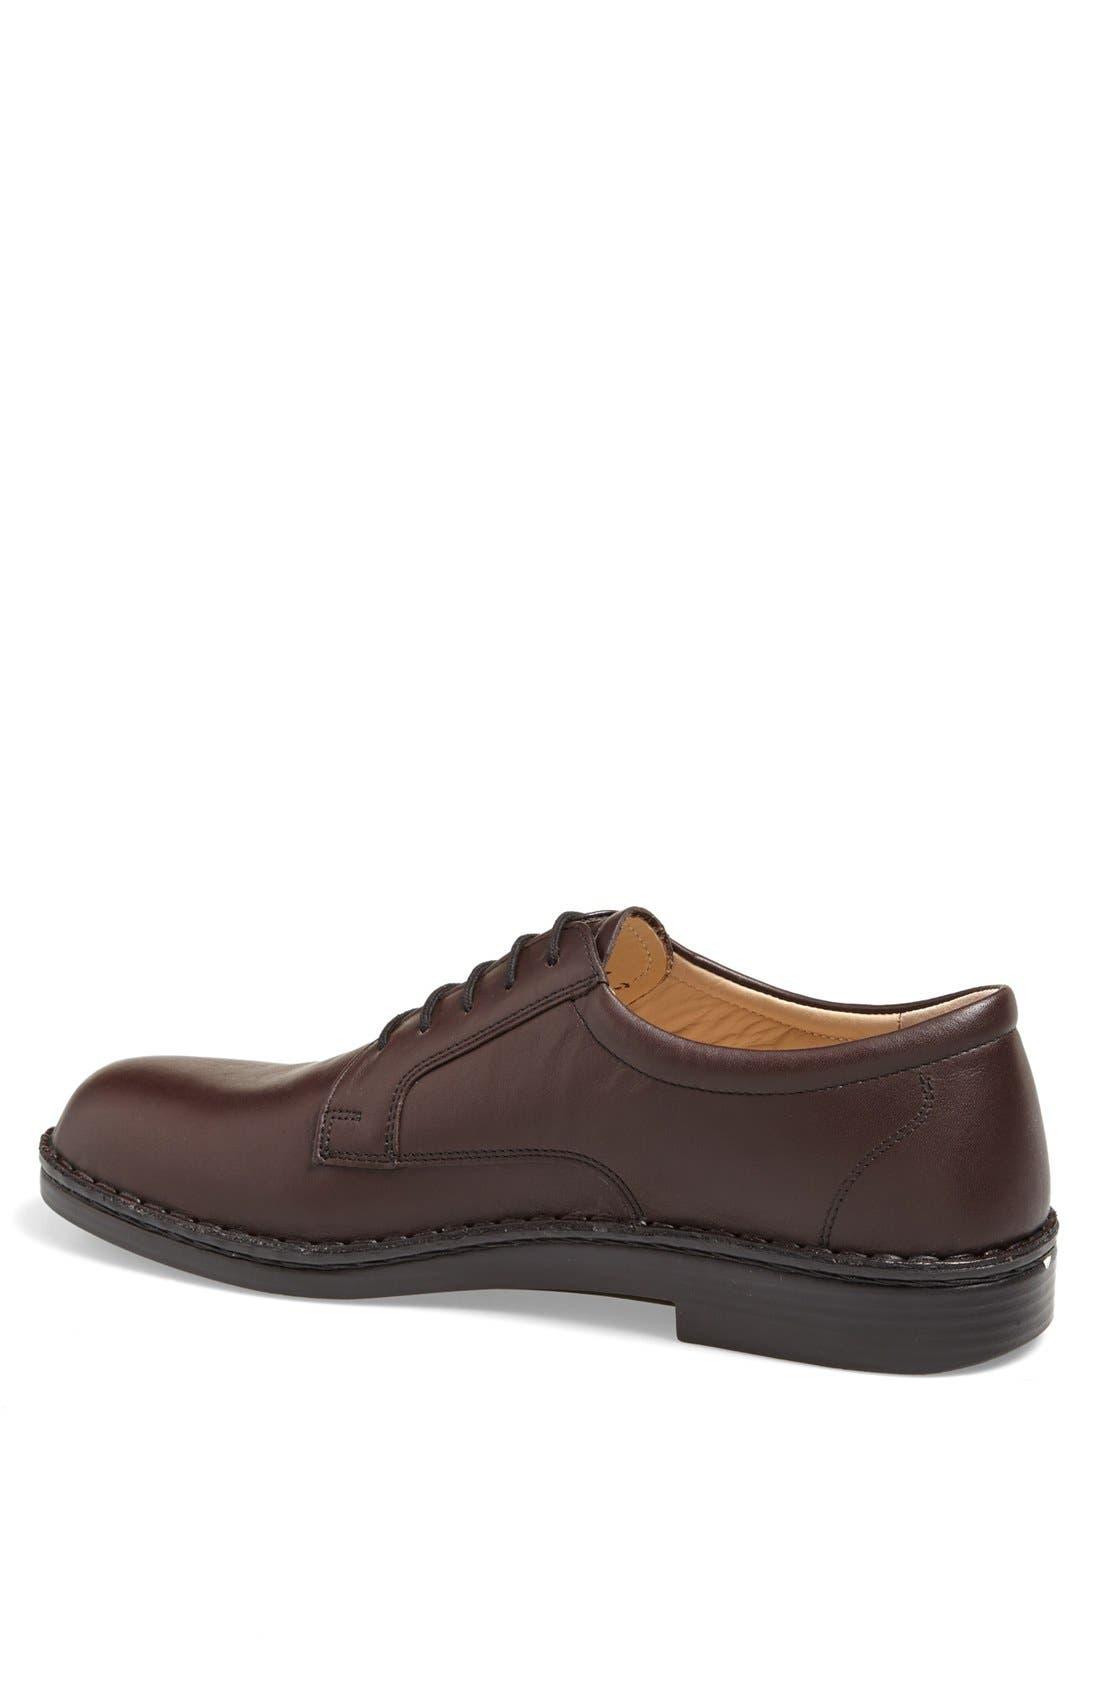 Alternate Image 2  - Finn Comfort 'Milano' Plain Toe Derby (Men)